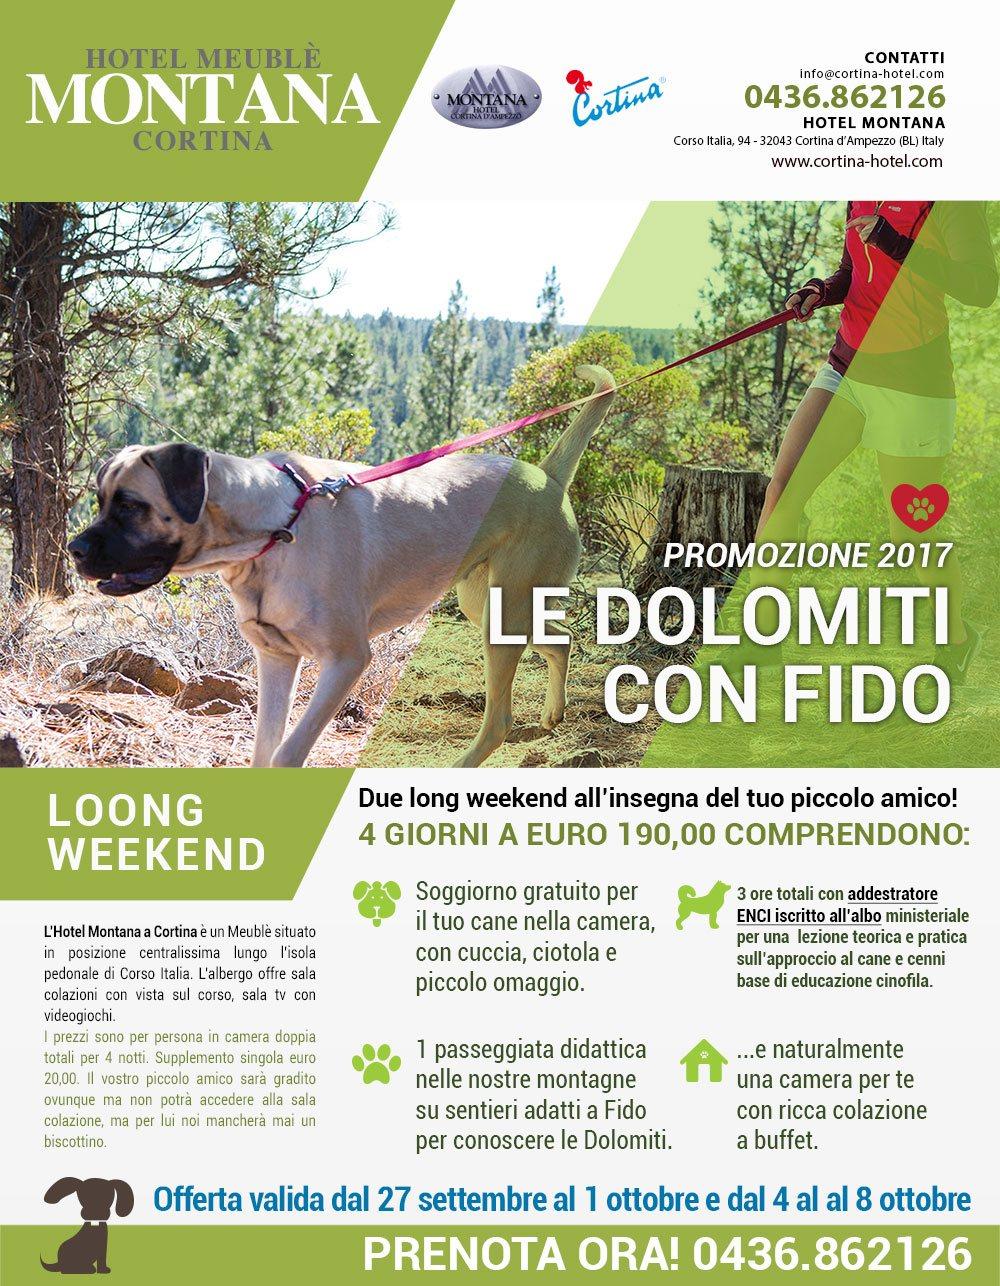 promozione hotel cortina cani Promozione: Le dolomiti con fido. Porta il tuo cane in hotel a Cortina